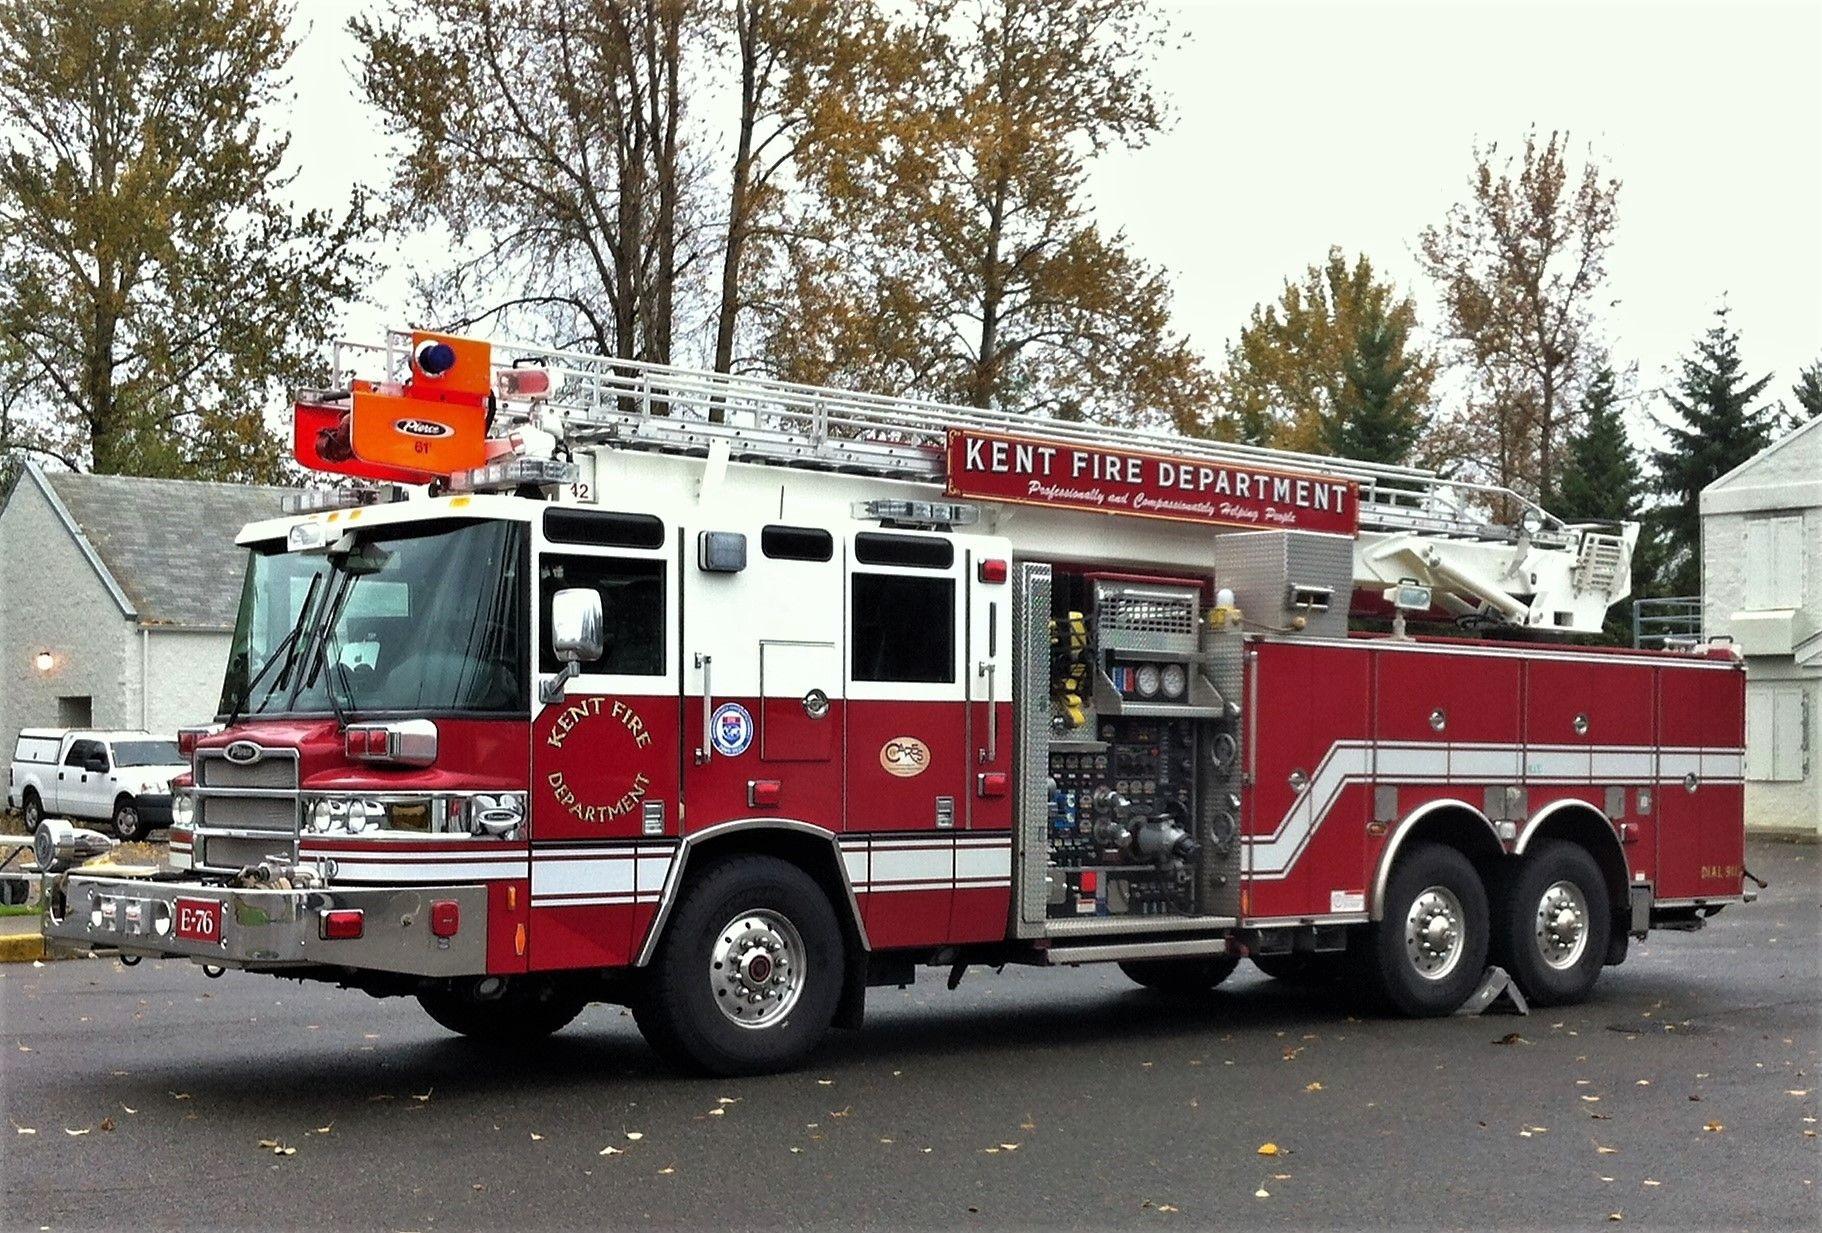 kent fire department quint 76 2010 pierce quantum 1500 800 61 skyboom [ 1822 x 1233 Pixel ]